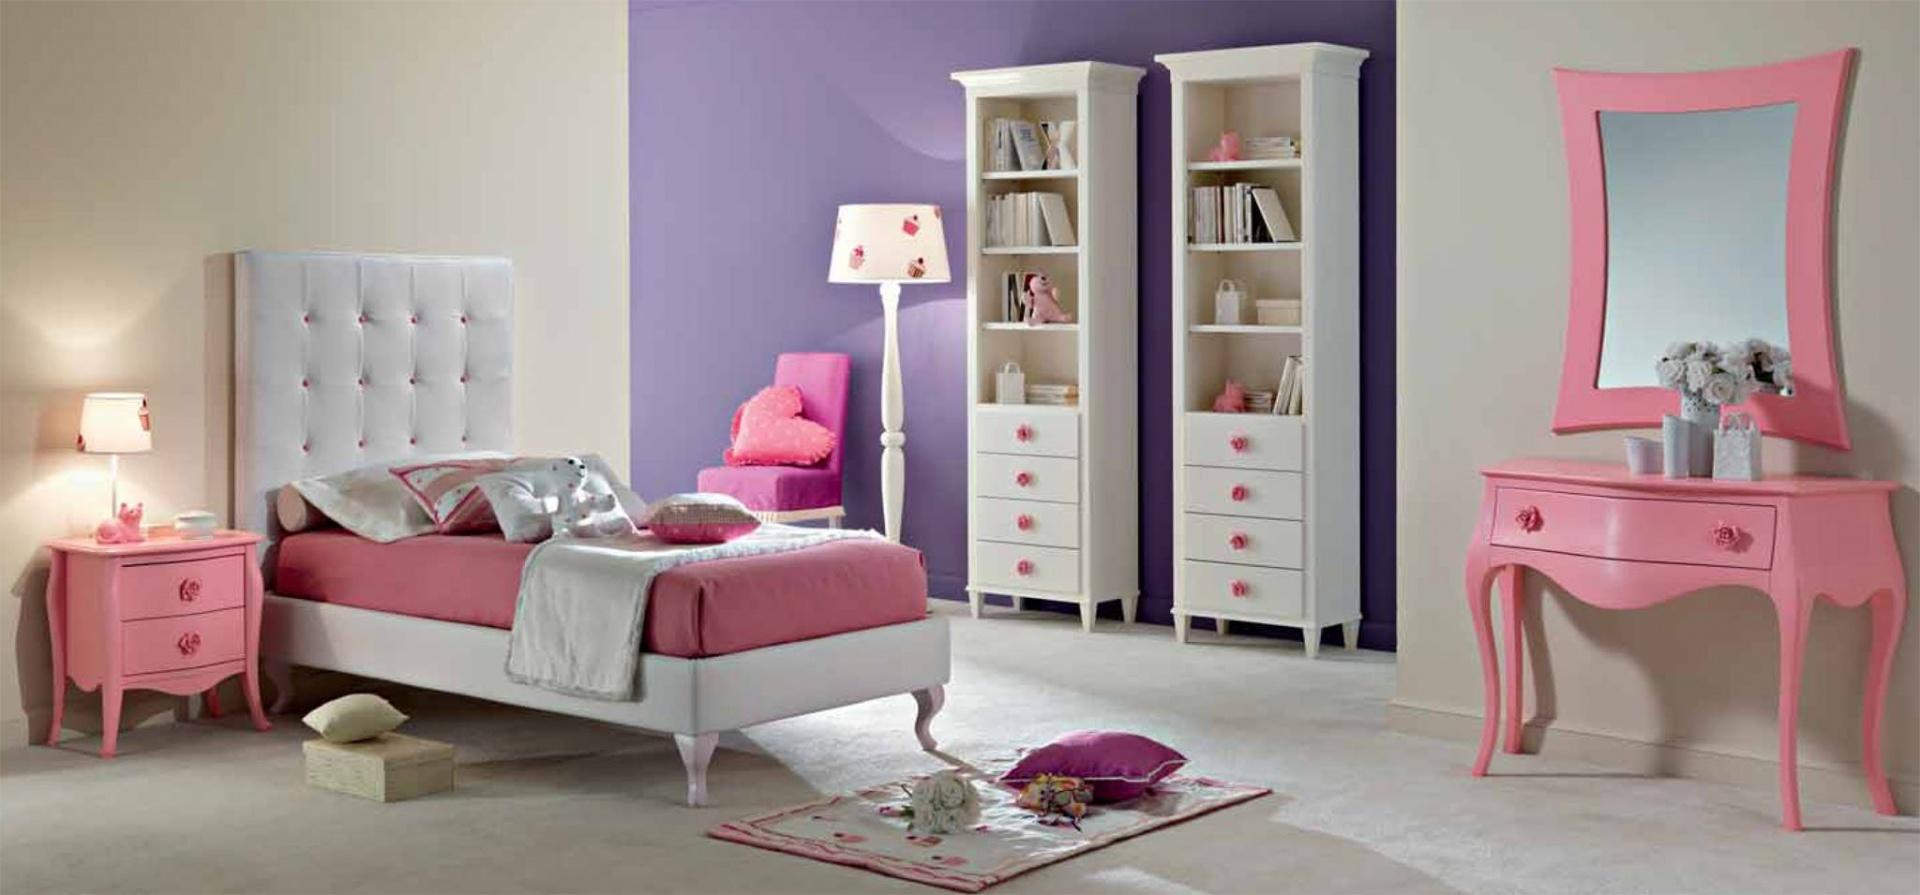 PIERMARIA Детская мебель IM119